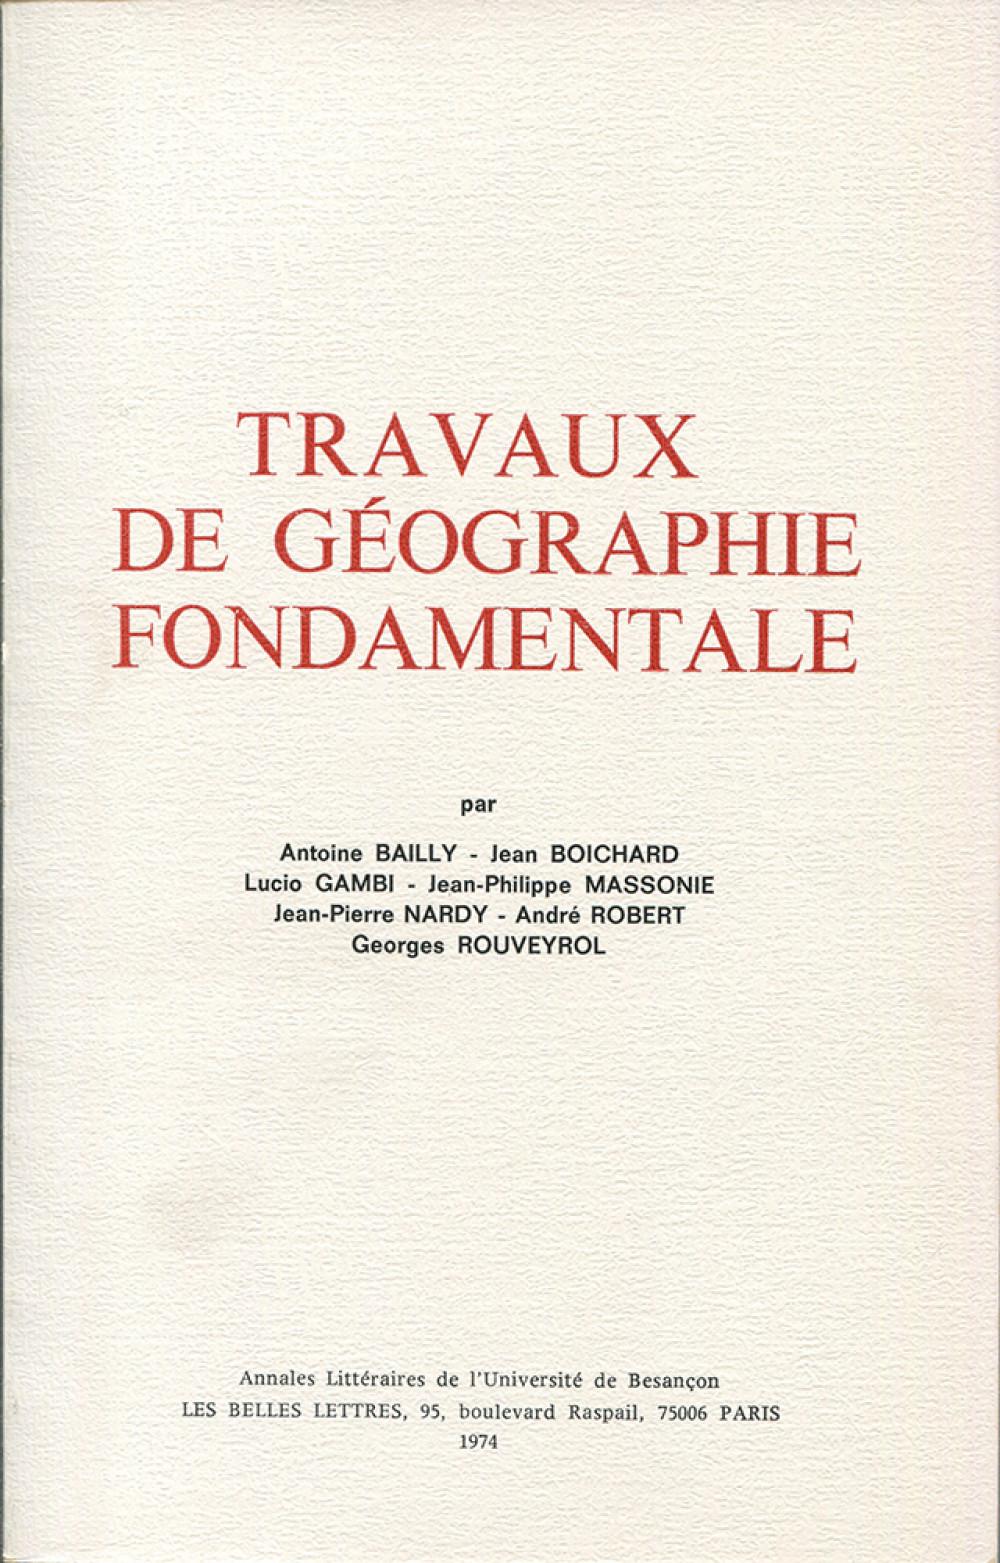 Travaux de géographie fondamentale